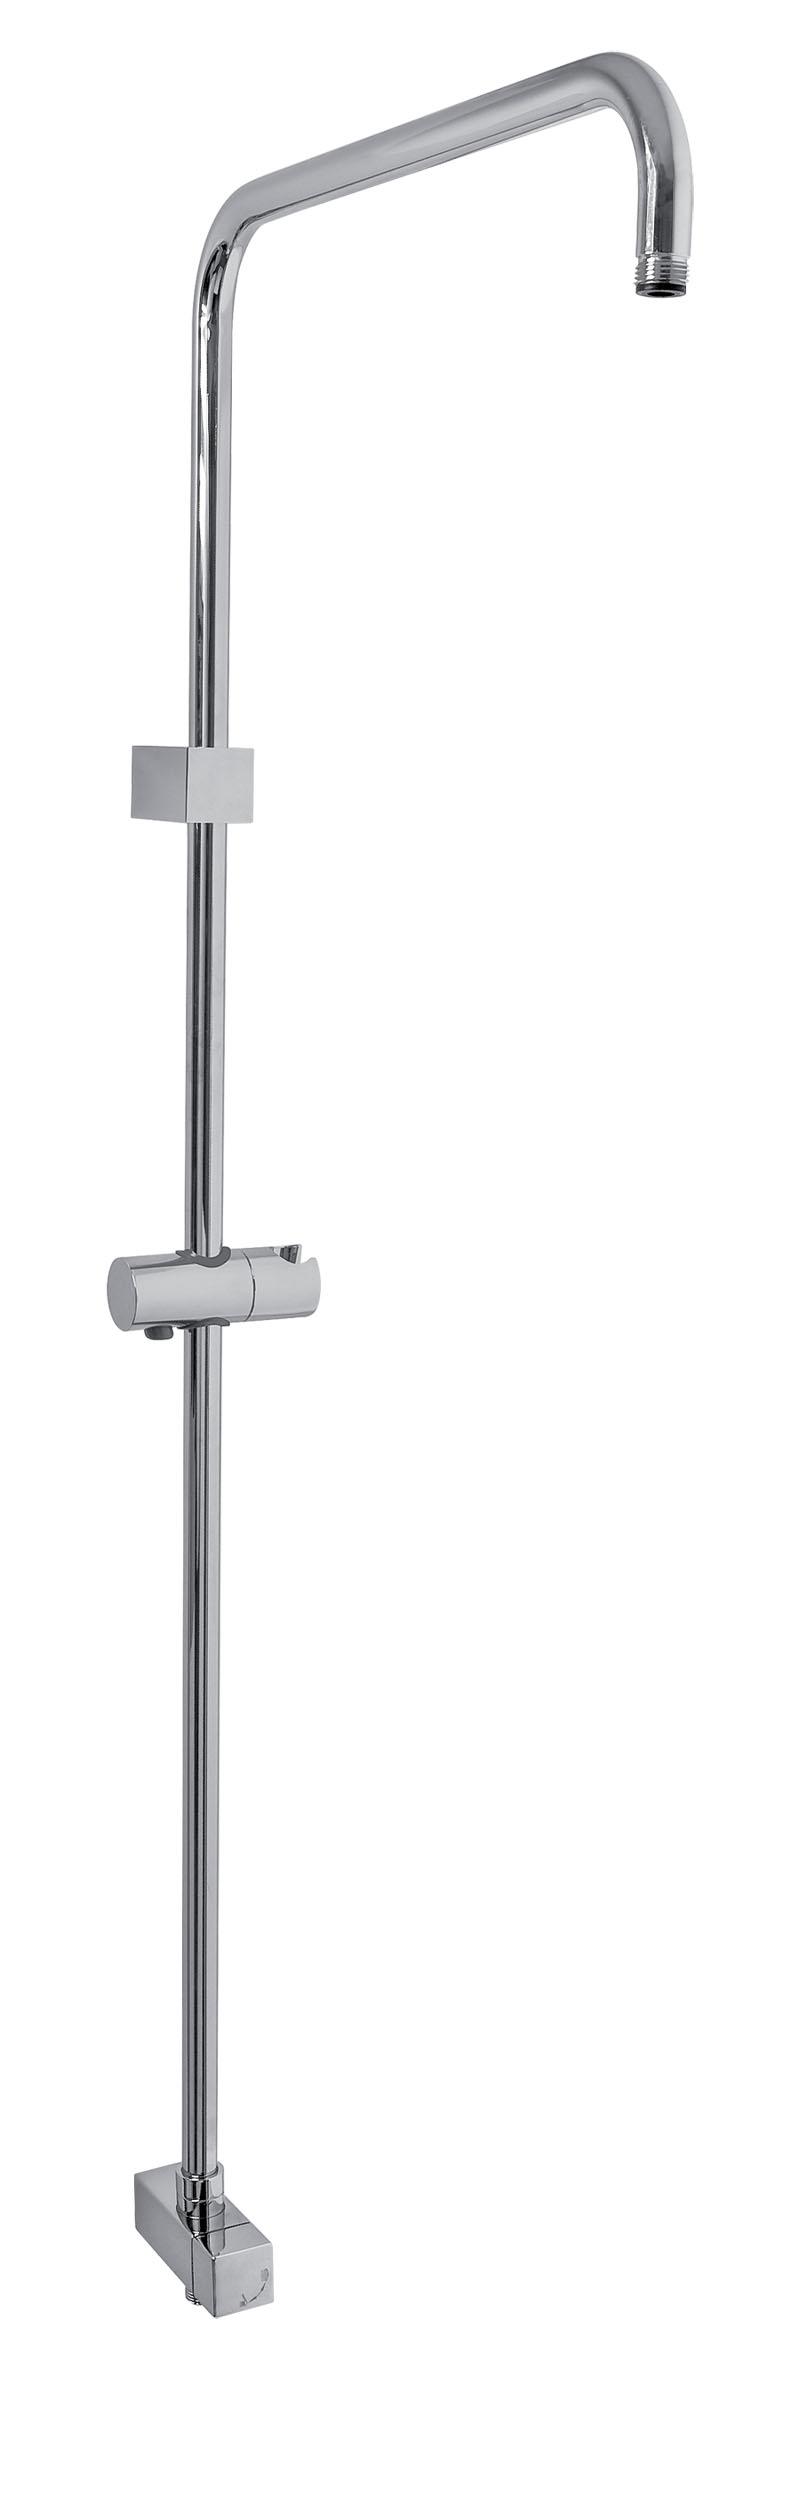 Sprchový set k podomítkové baterii bez příslušenství chrom